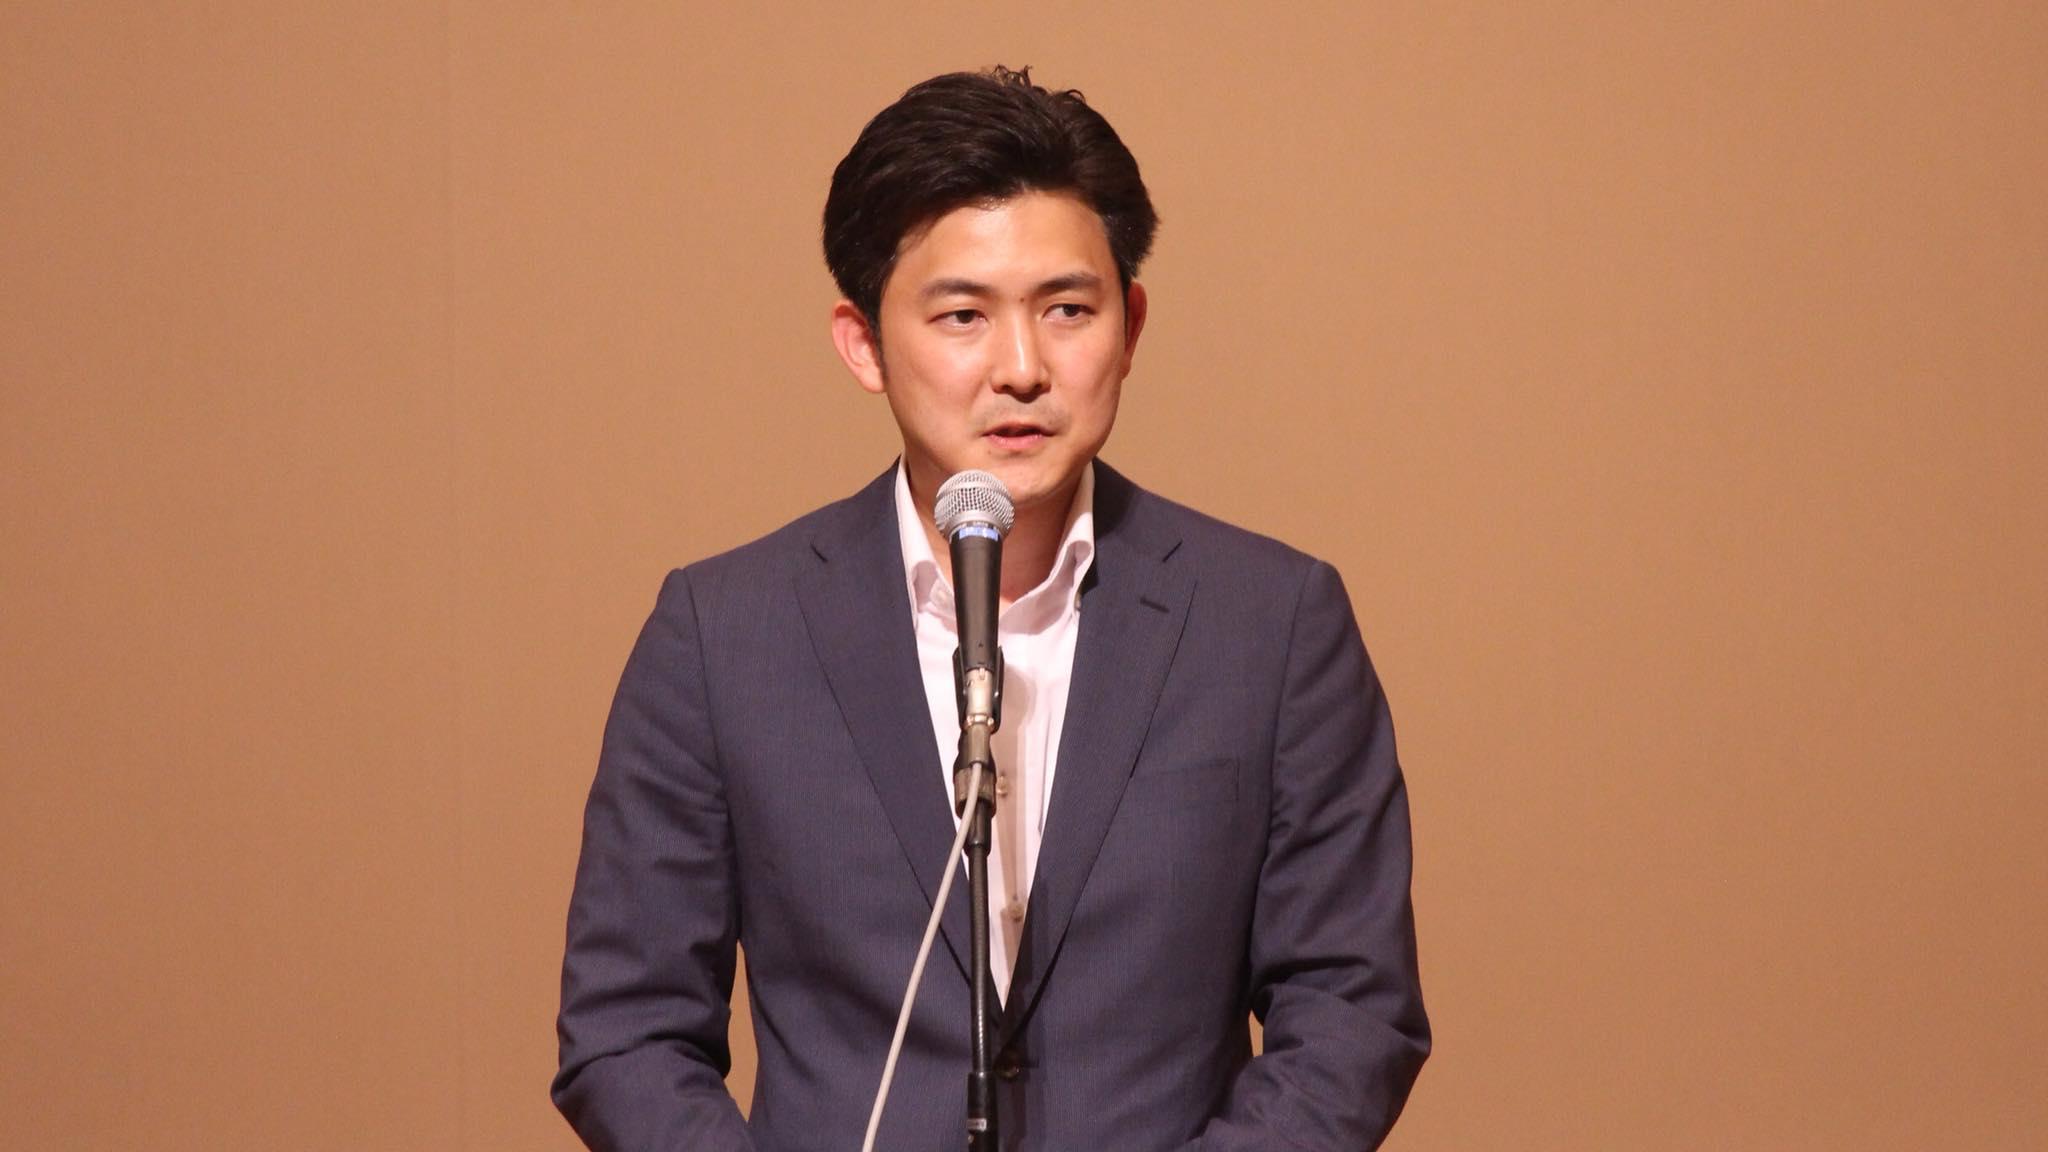 生まれ故郷の名古屋市北区での、党の支部会でご挨拶